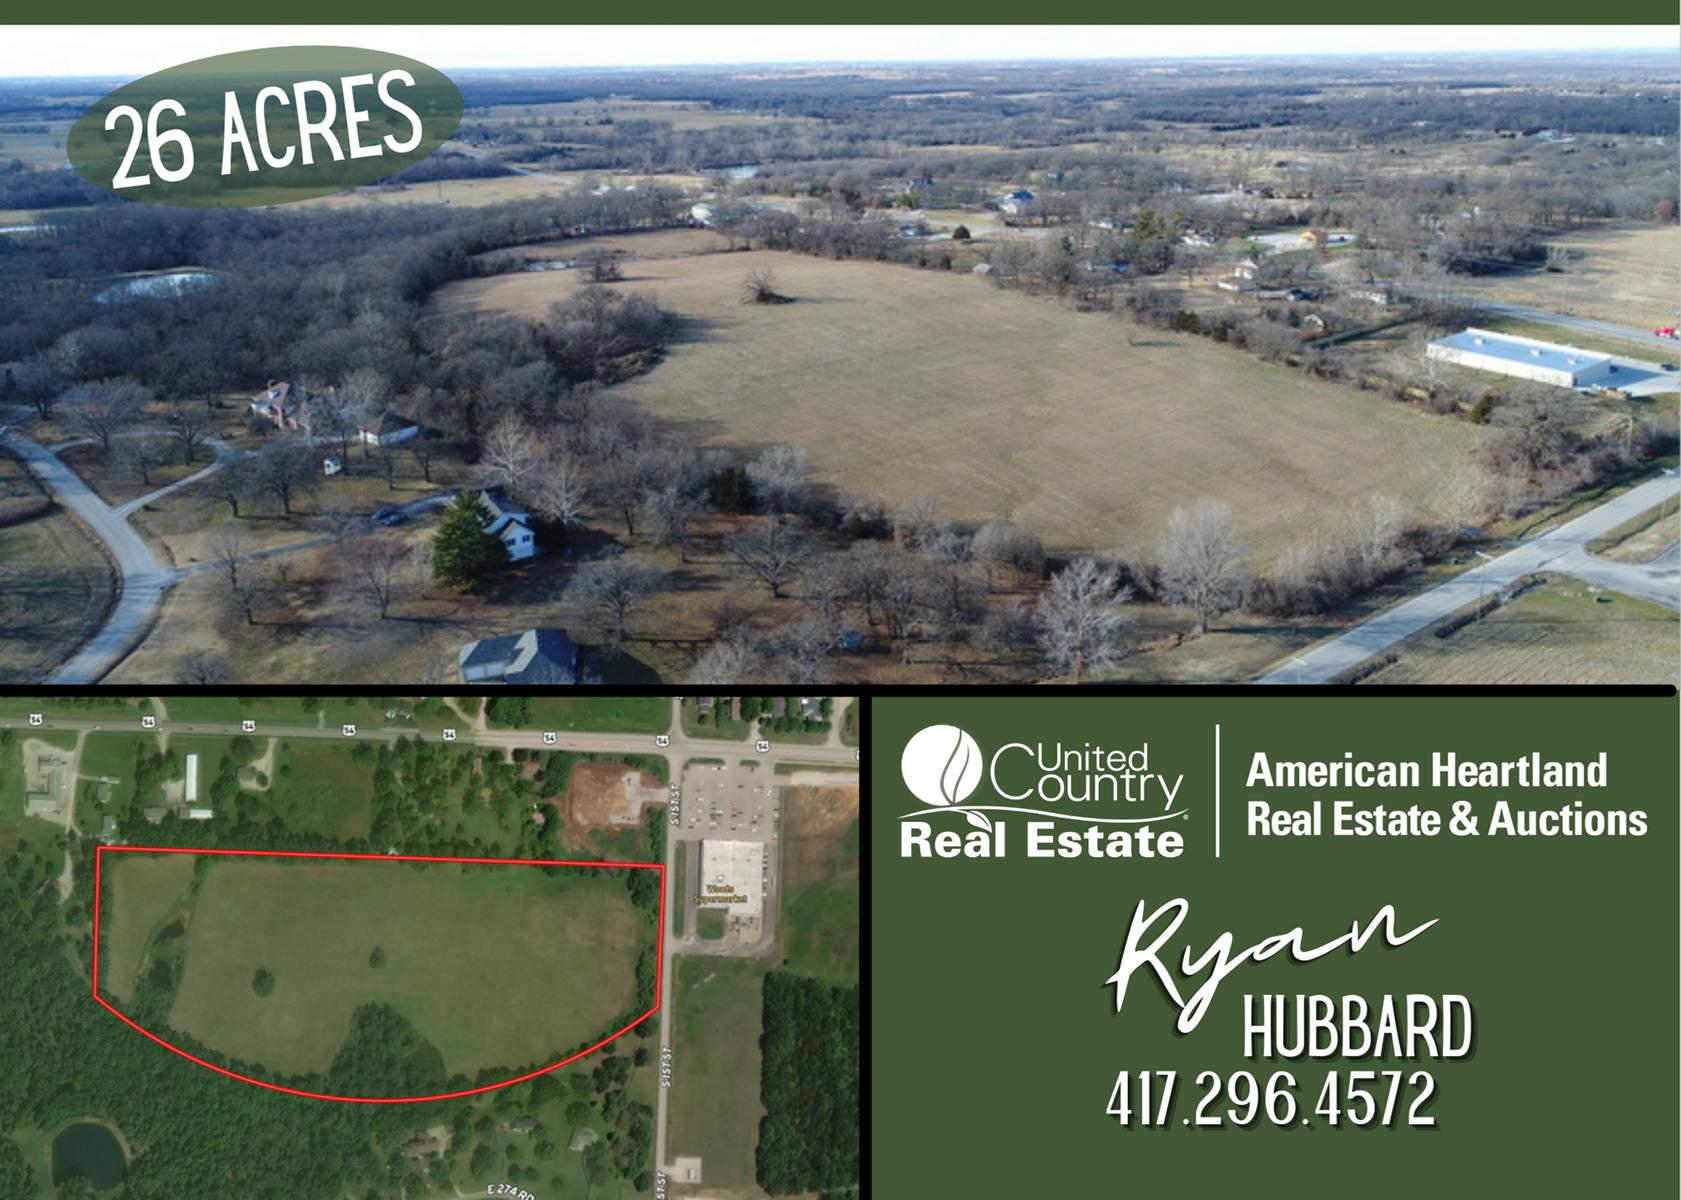 Land For Sale in El Dorado Springs, Missouri